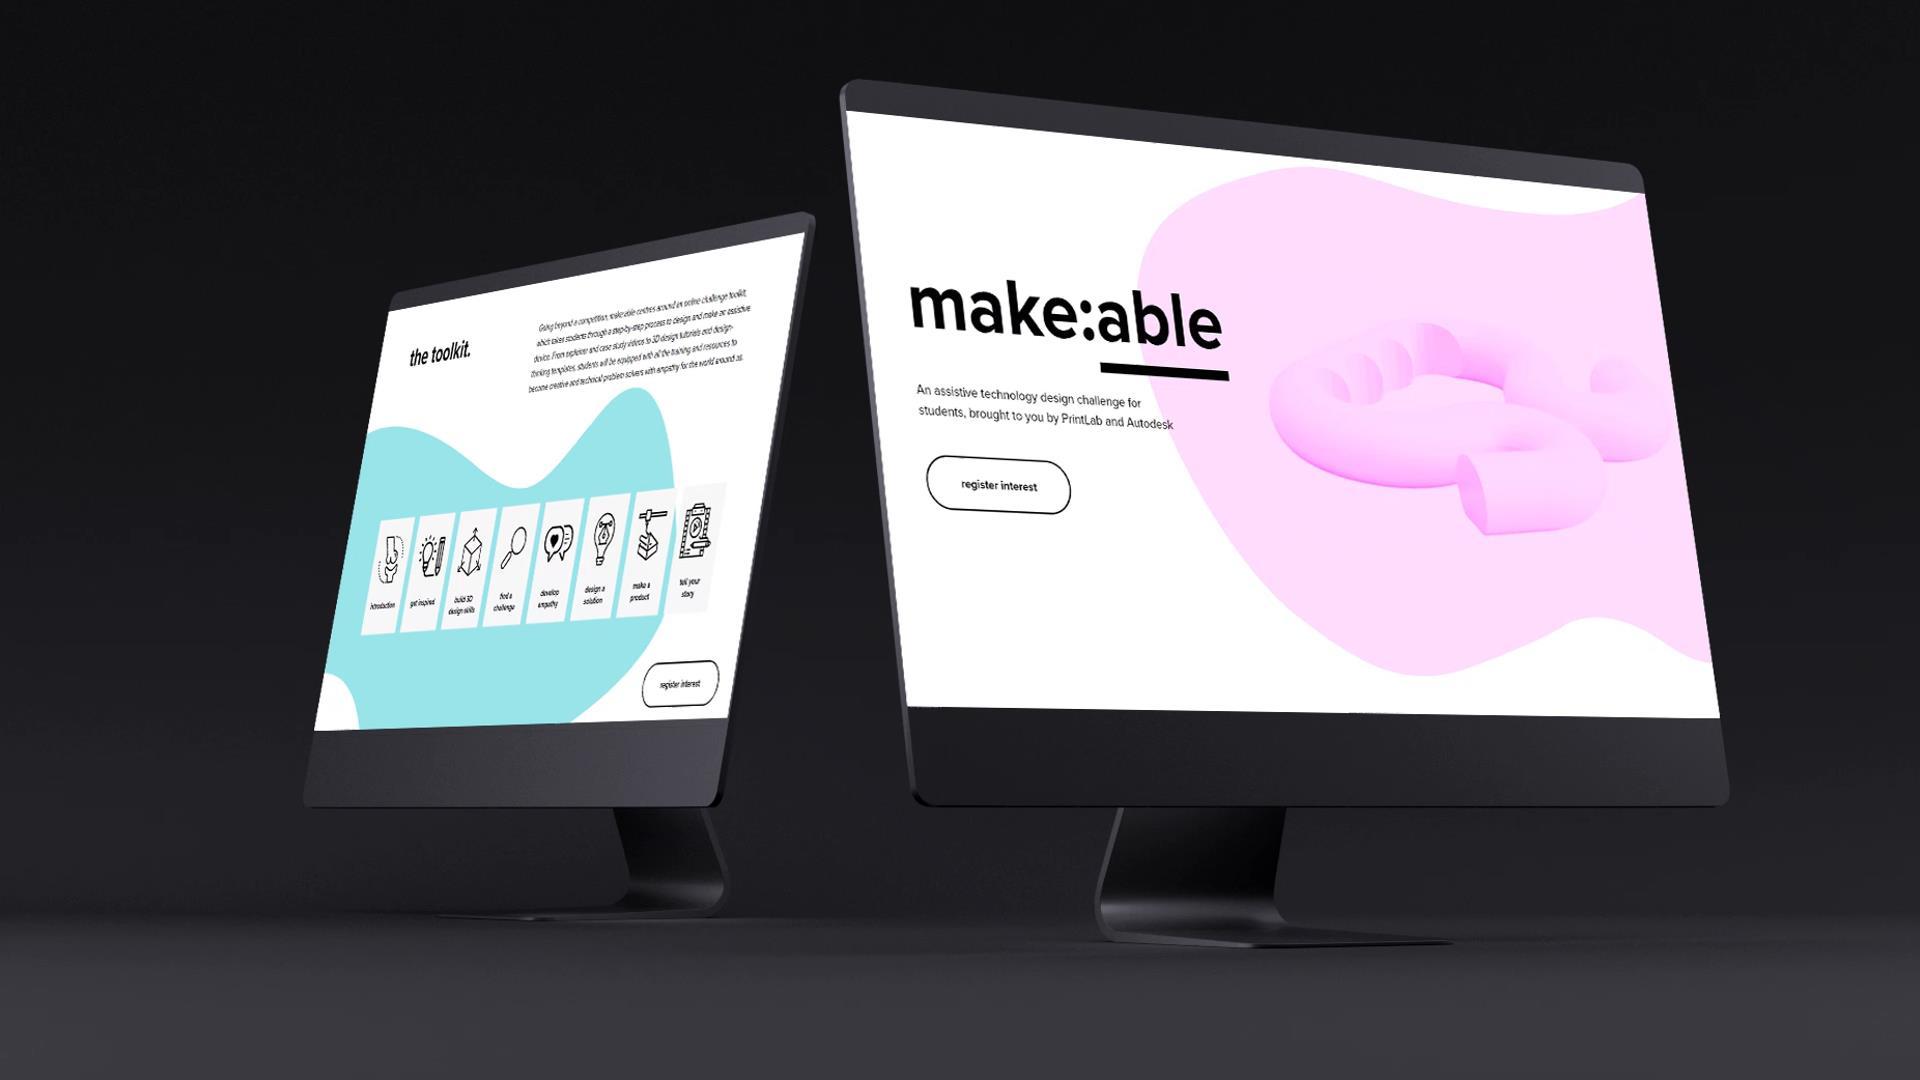 The make:able challenge. Image via PrintLab.